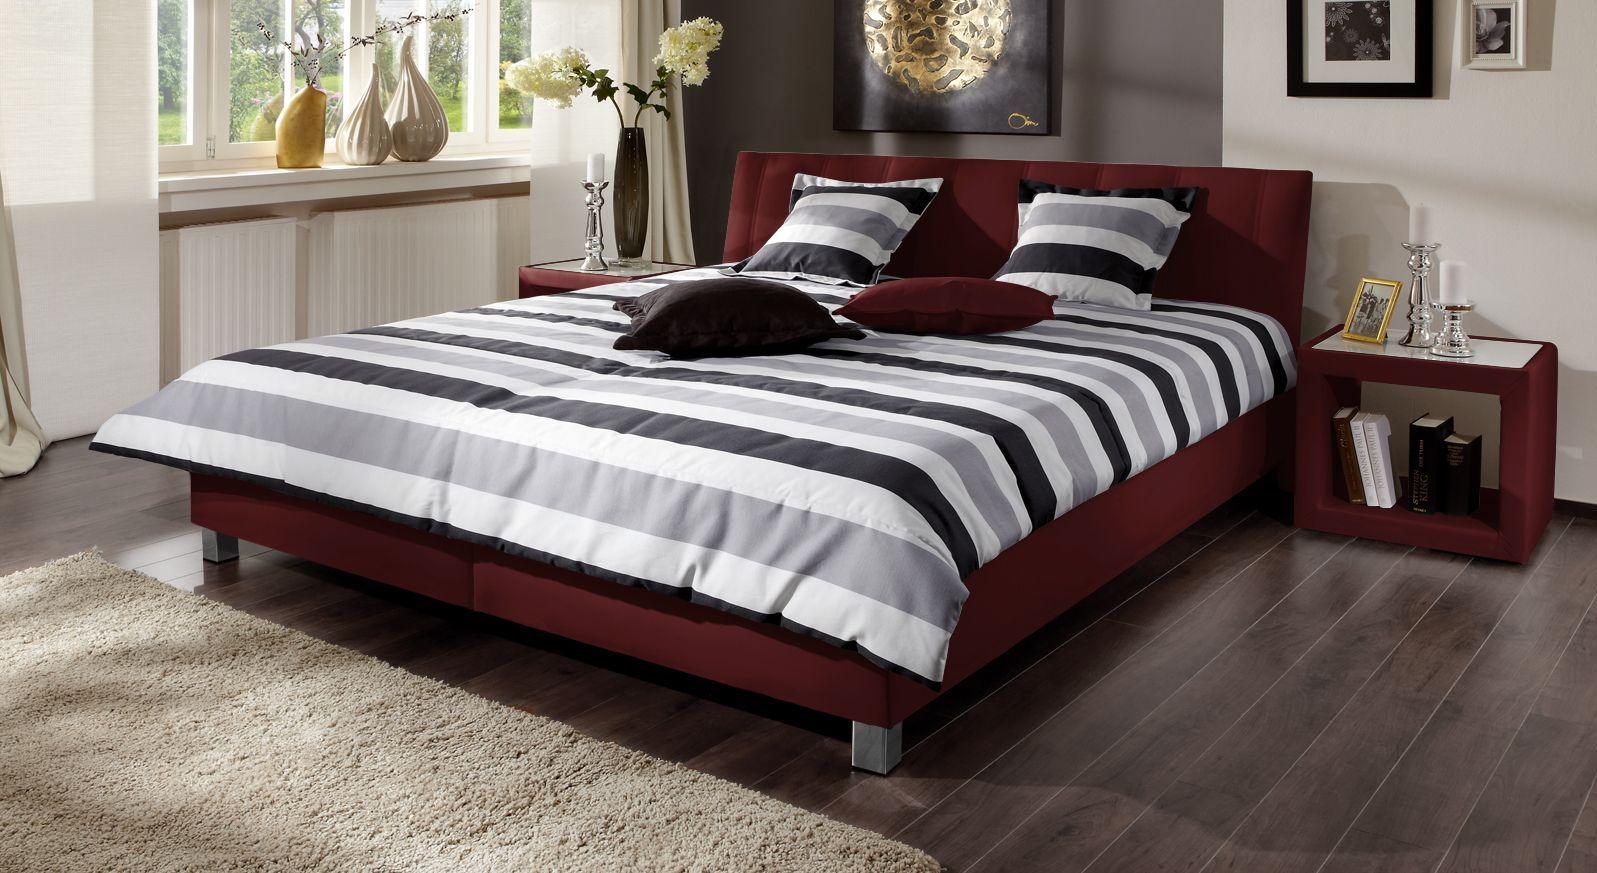 Polsterbett Remigio in Rot mit Bettkasten